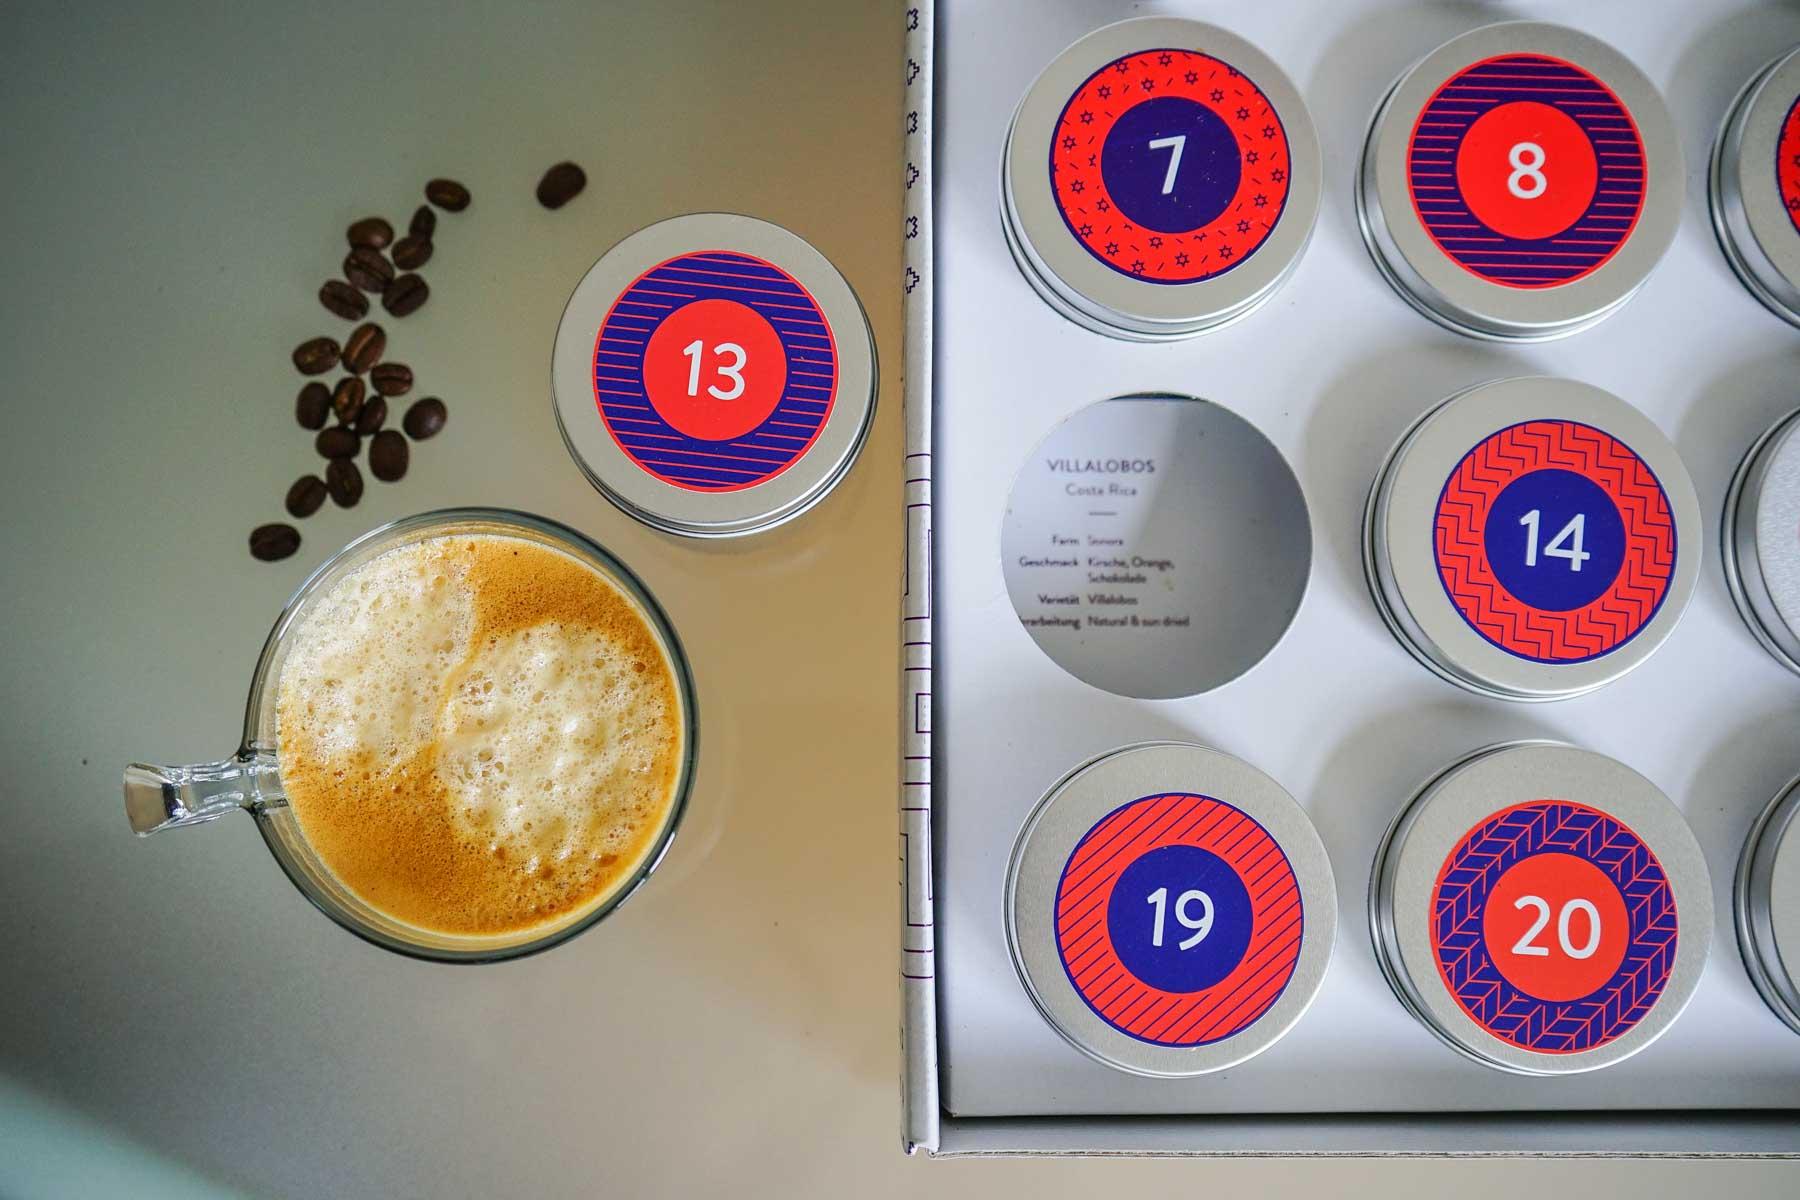 Jeden Tag wartet eine neue Kaffeeinspiration